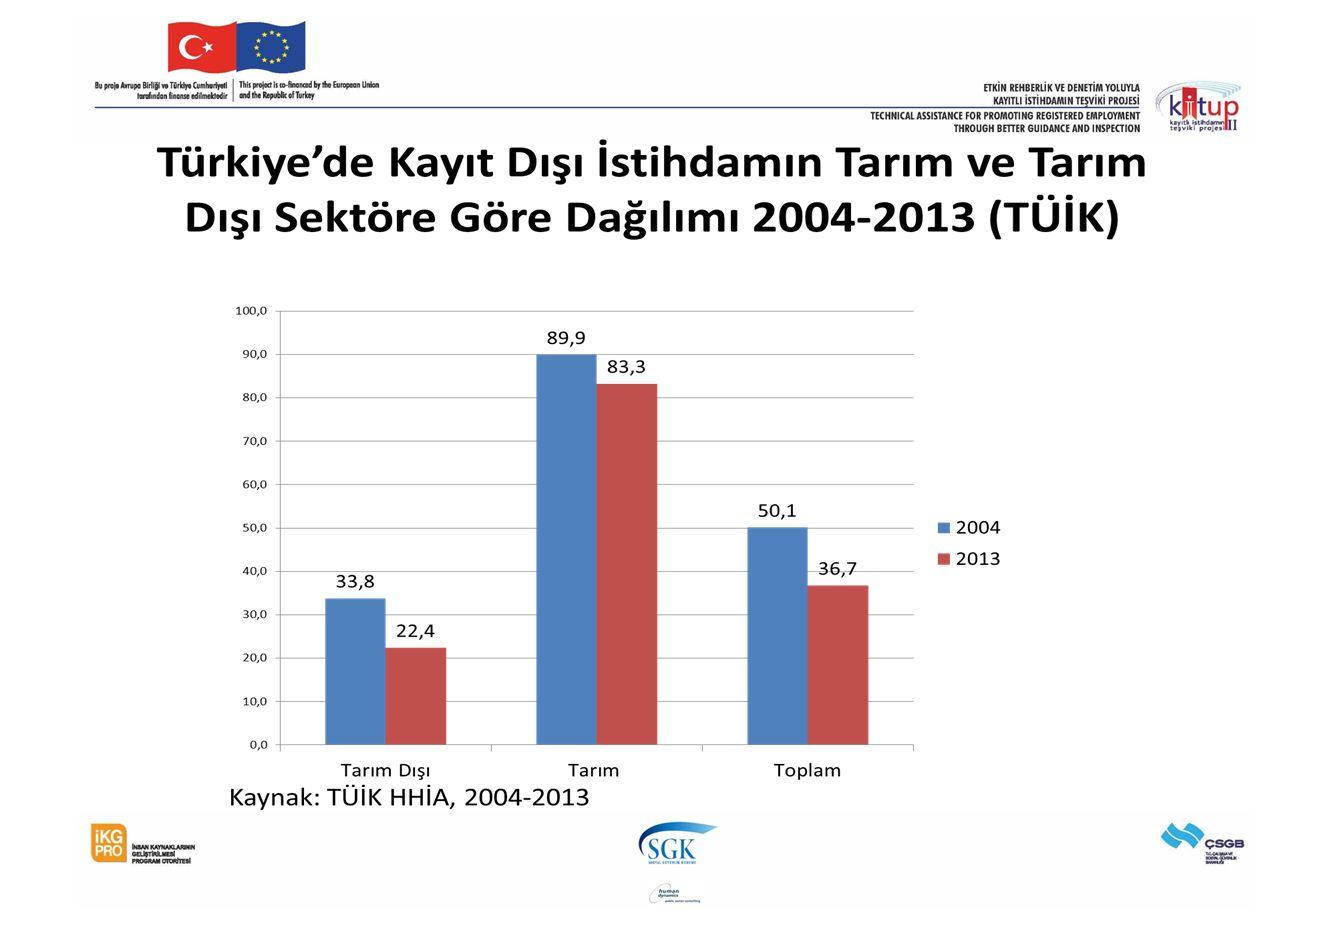 Türkiye'de KOBİ'ler KOBİ' ler toplam girişim sayısının %99,9'unu, istihdamın %77,8'ini, maaş ve ücretlerin %51,5'ini, cironun %64,8'ini, faktör maliyetiyle katma değerin %55,5'ini, maddi mallara ilişkin brüt yatırımın %41,1'ini oluşturmaktadır (TÜİK, Küçük Ve Orta Büyüklükteki Girişim İstatistiklerİ, 2011)